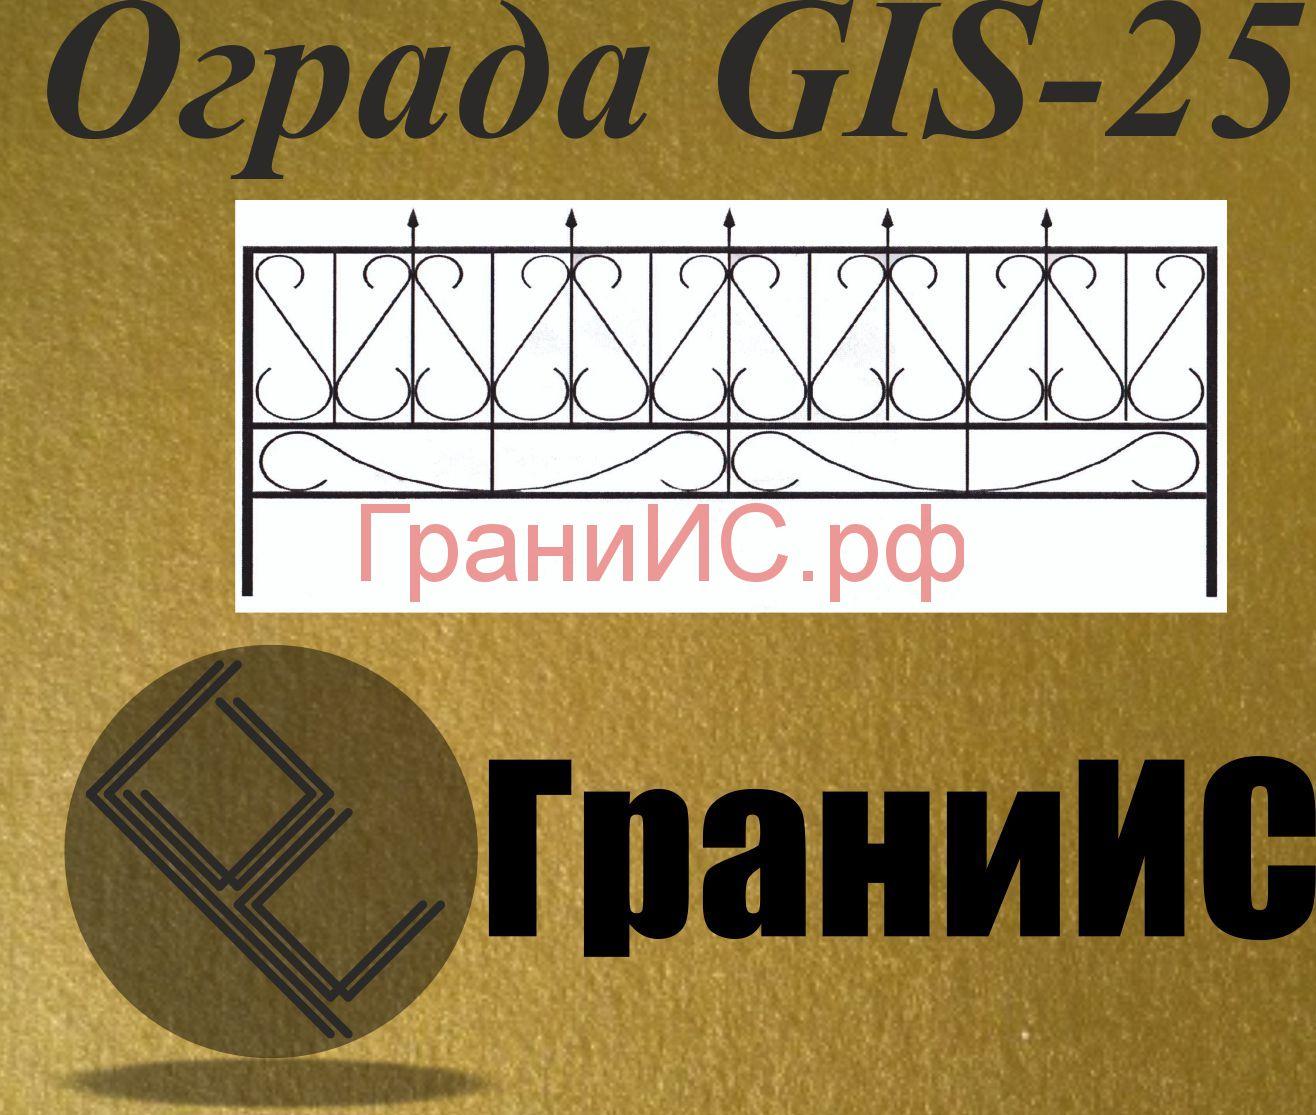 Ограда G - 25